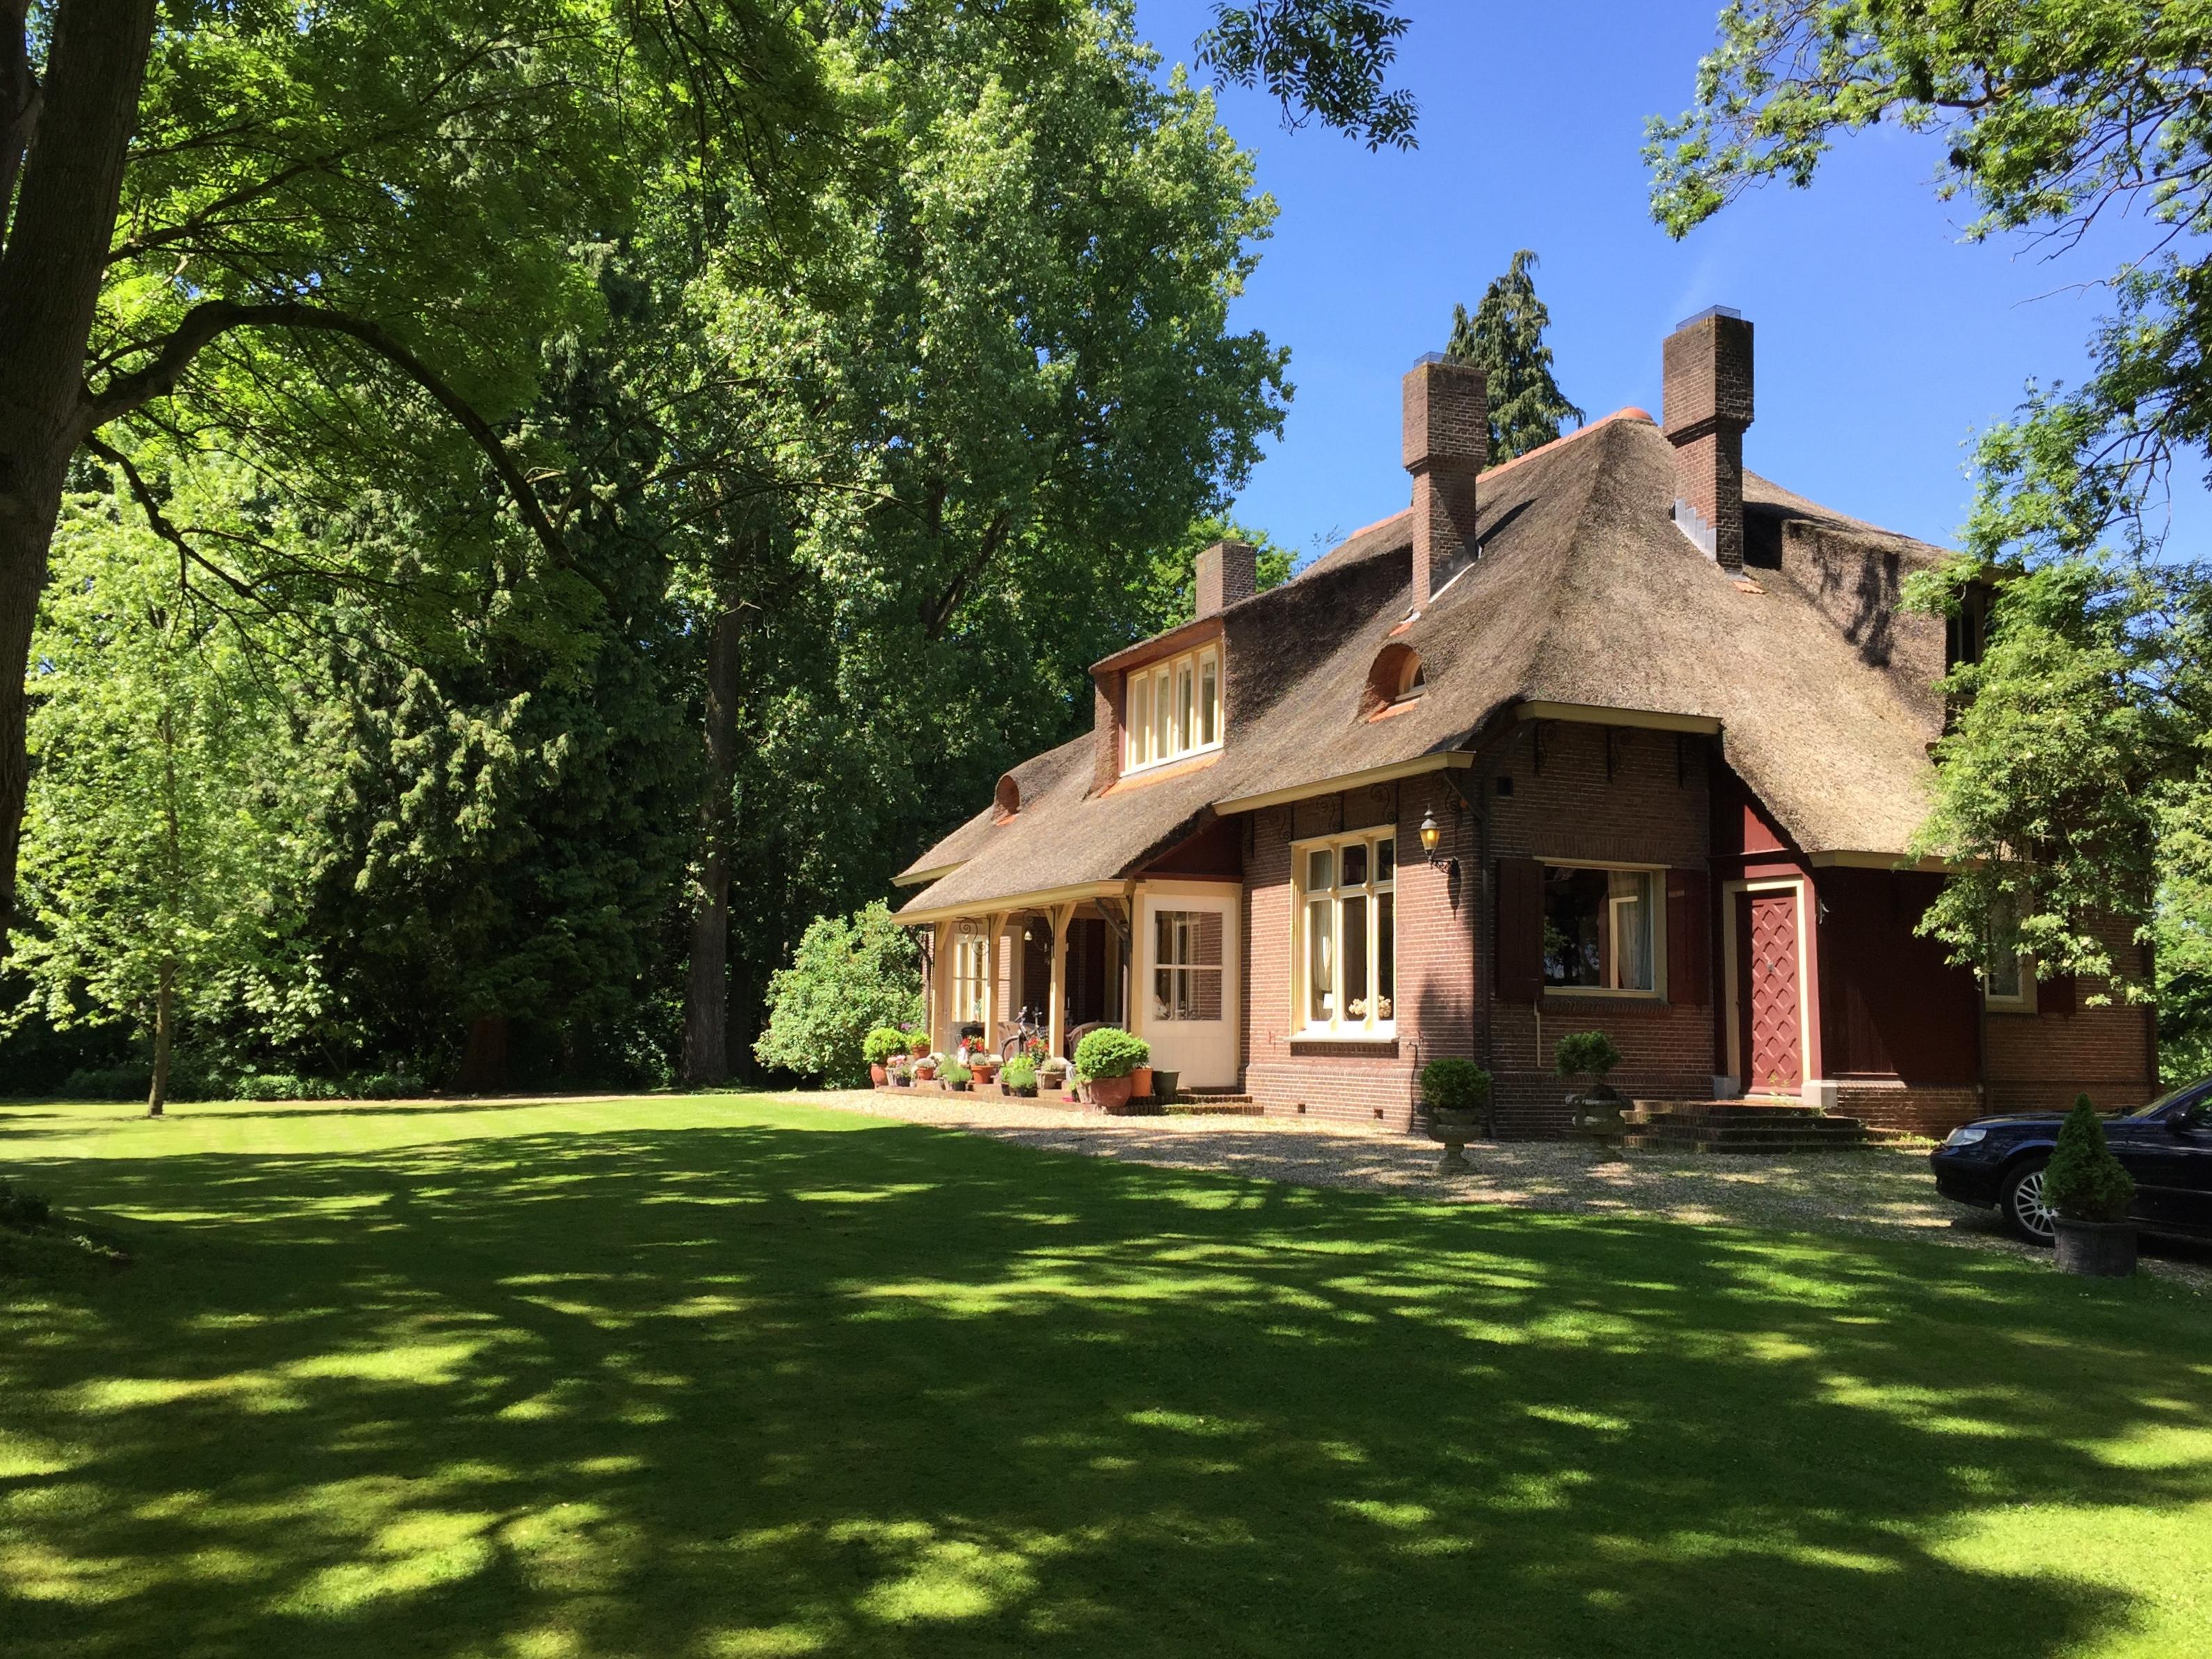 Bestand het huis harscamp in harskamp gld jpg wikipedia - Versier het huis ...